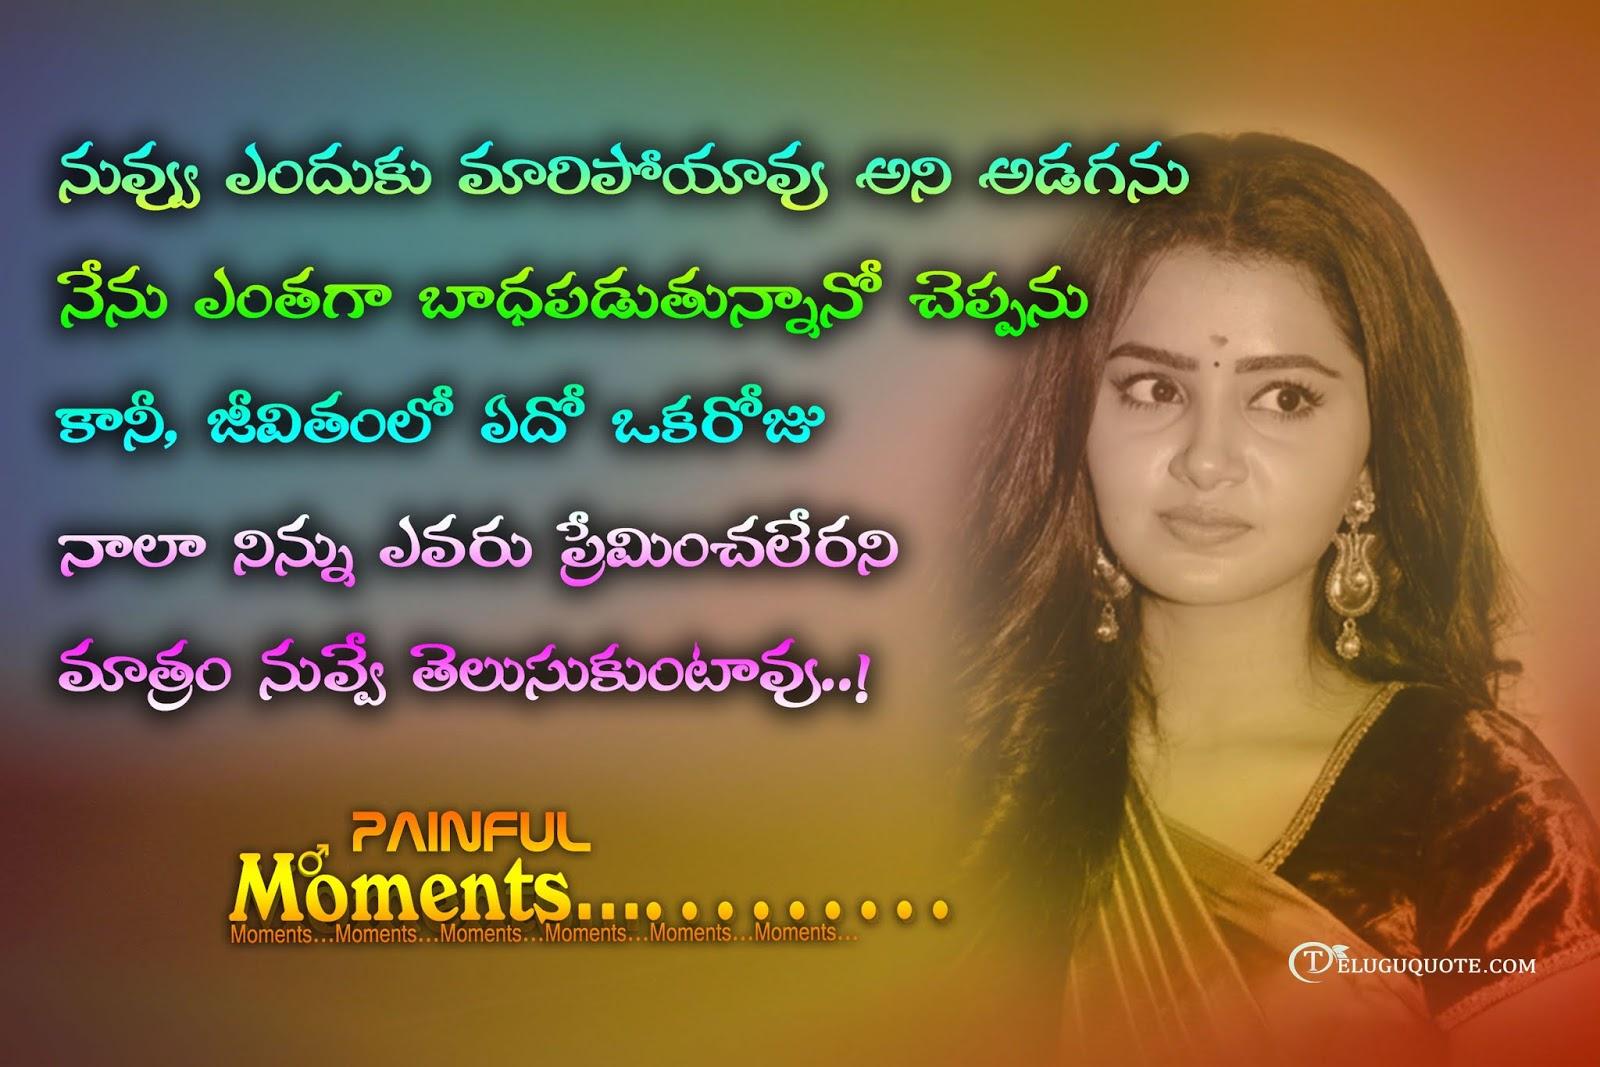 Love Failure Quotes Images In Telugu - Telugu Quotes